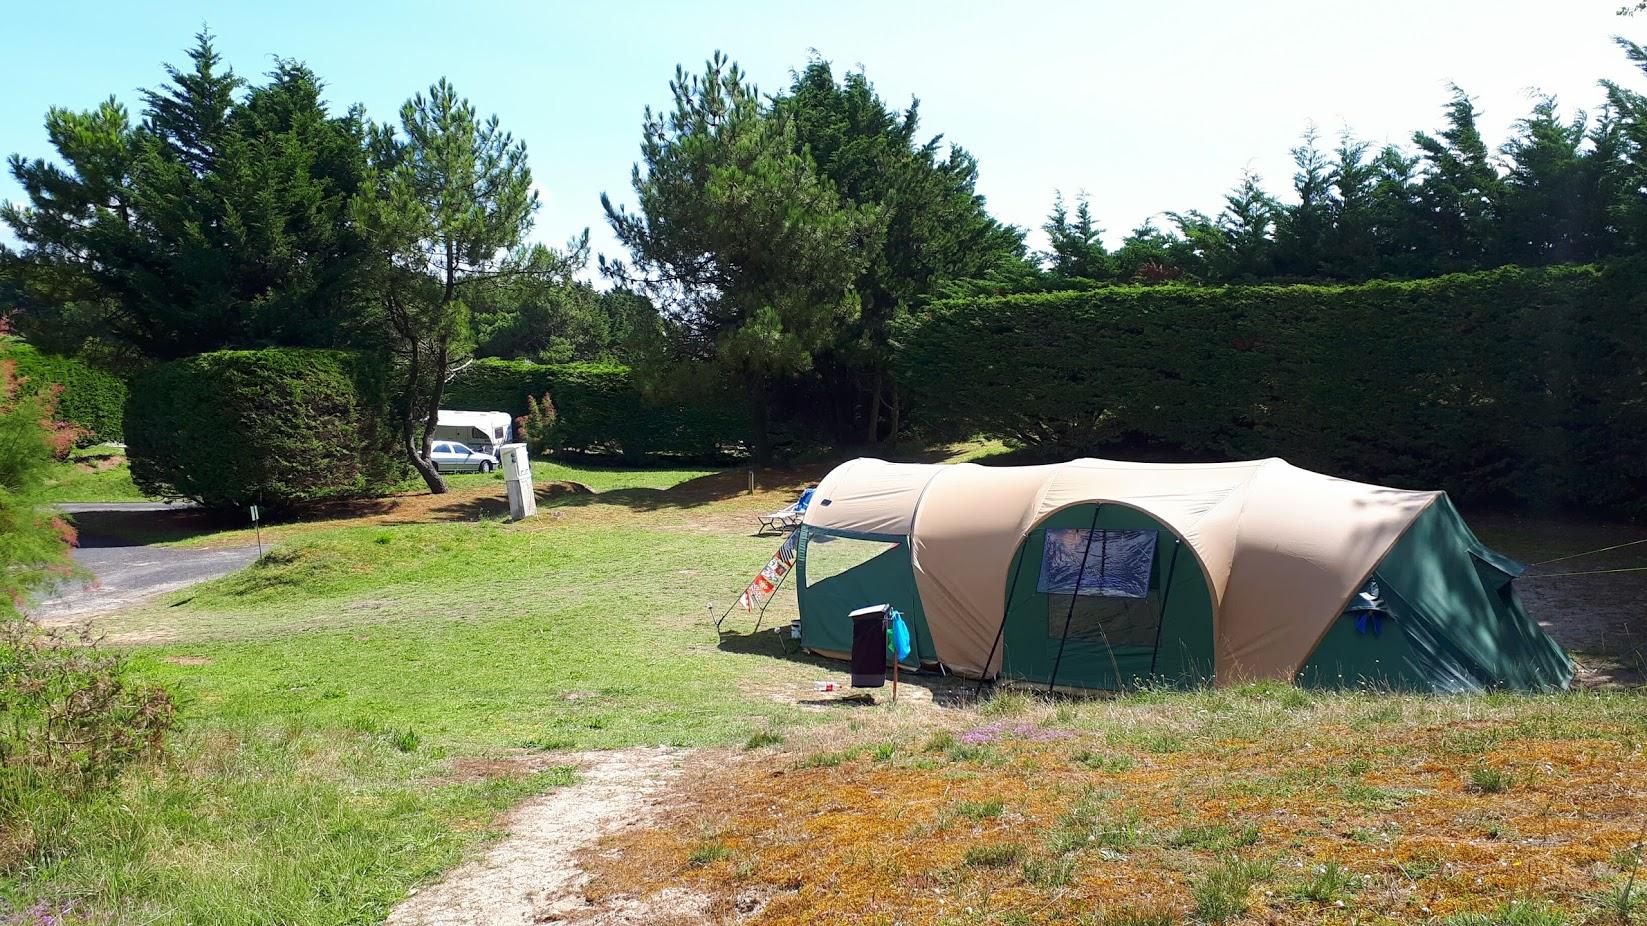 karsten - Long séjour sous une tente tunnel karsten  Biscay10